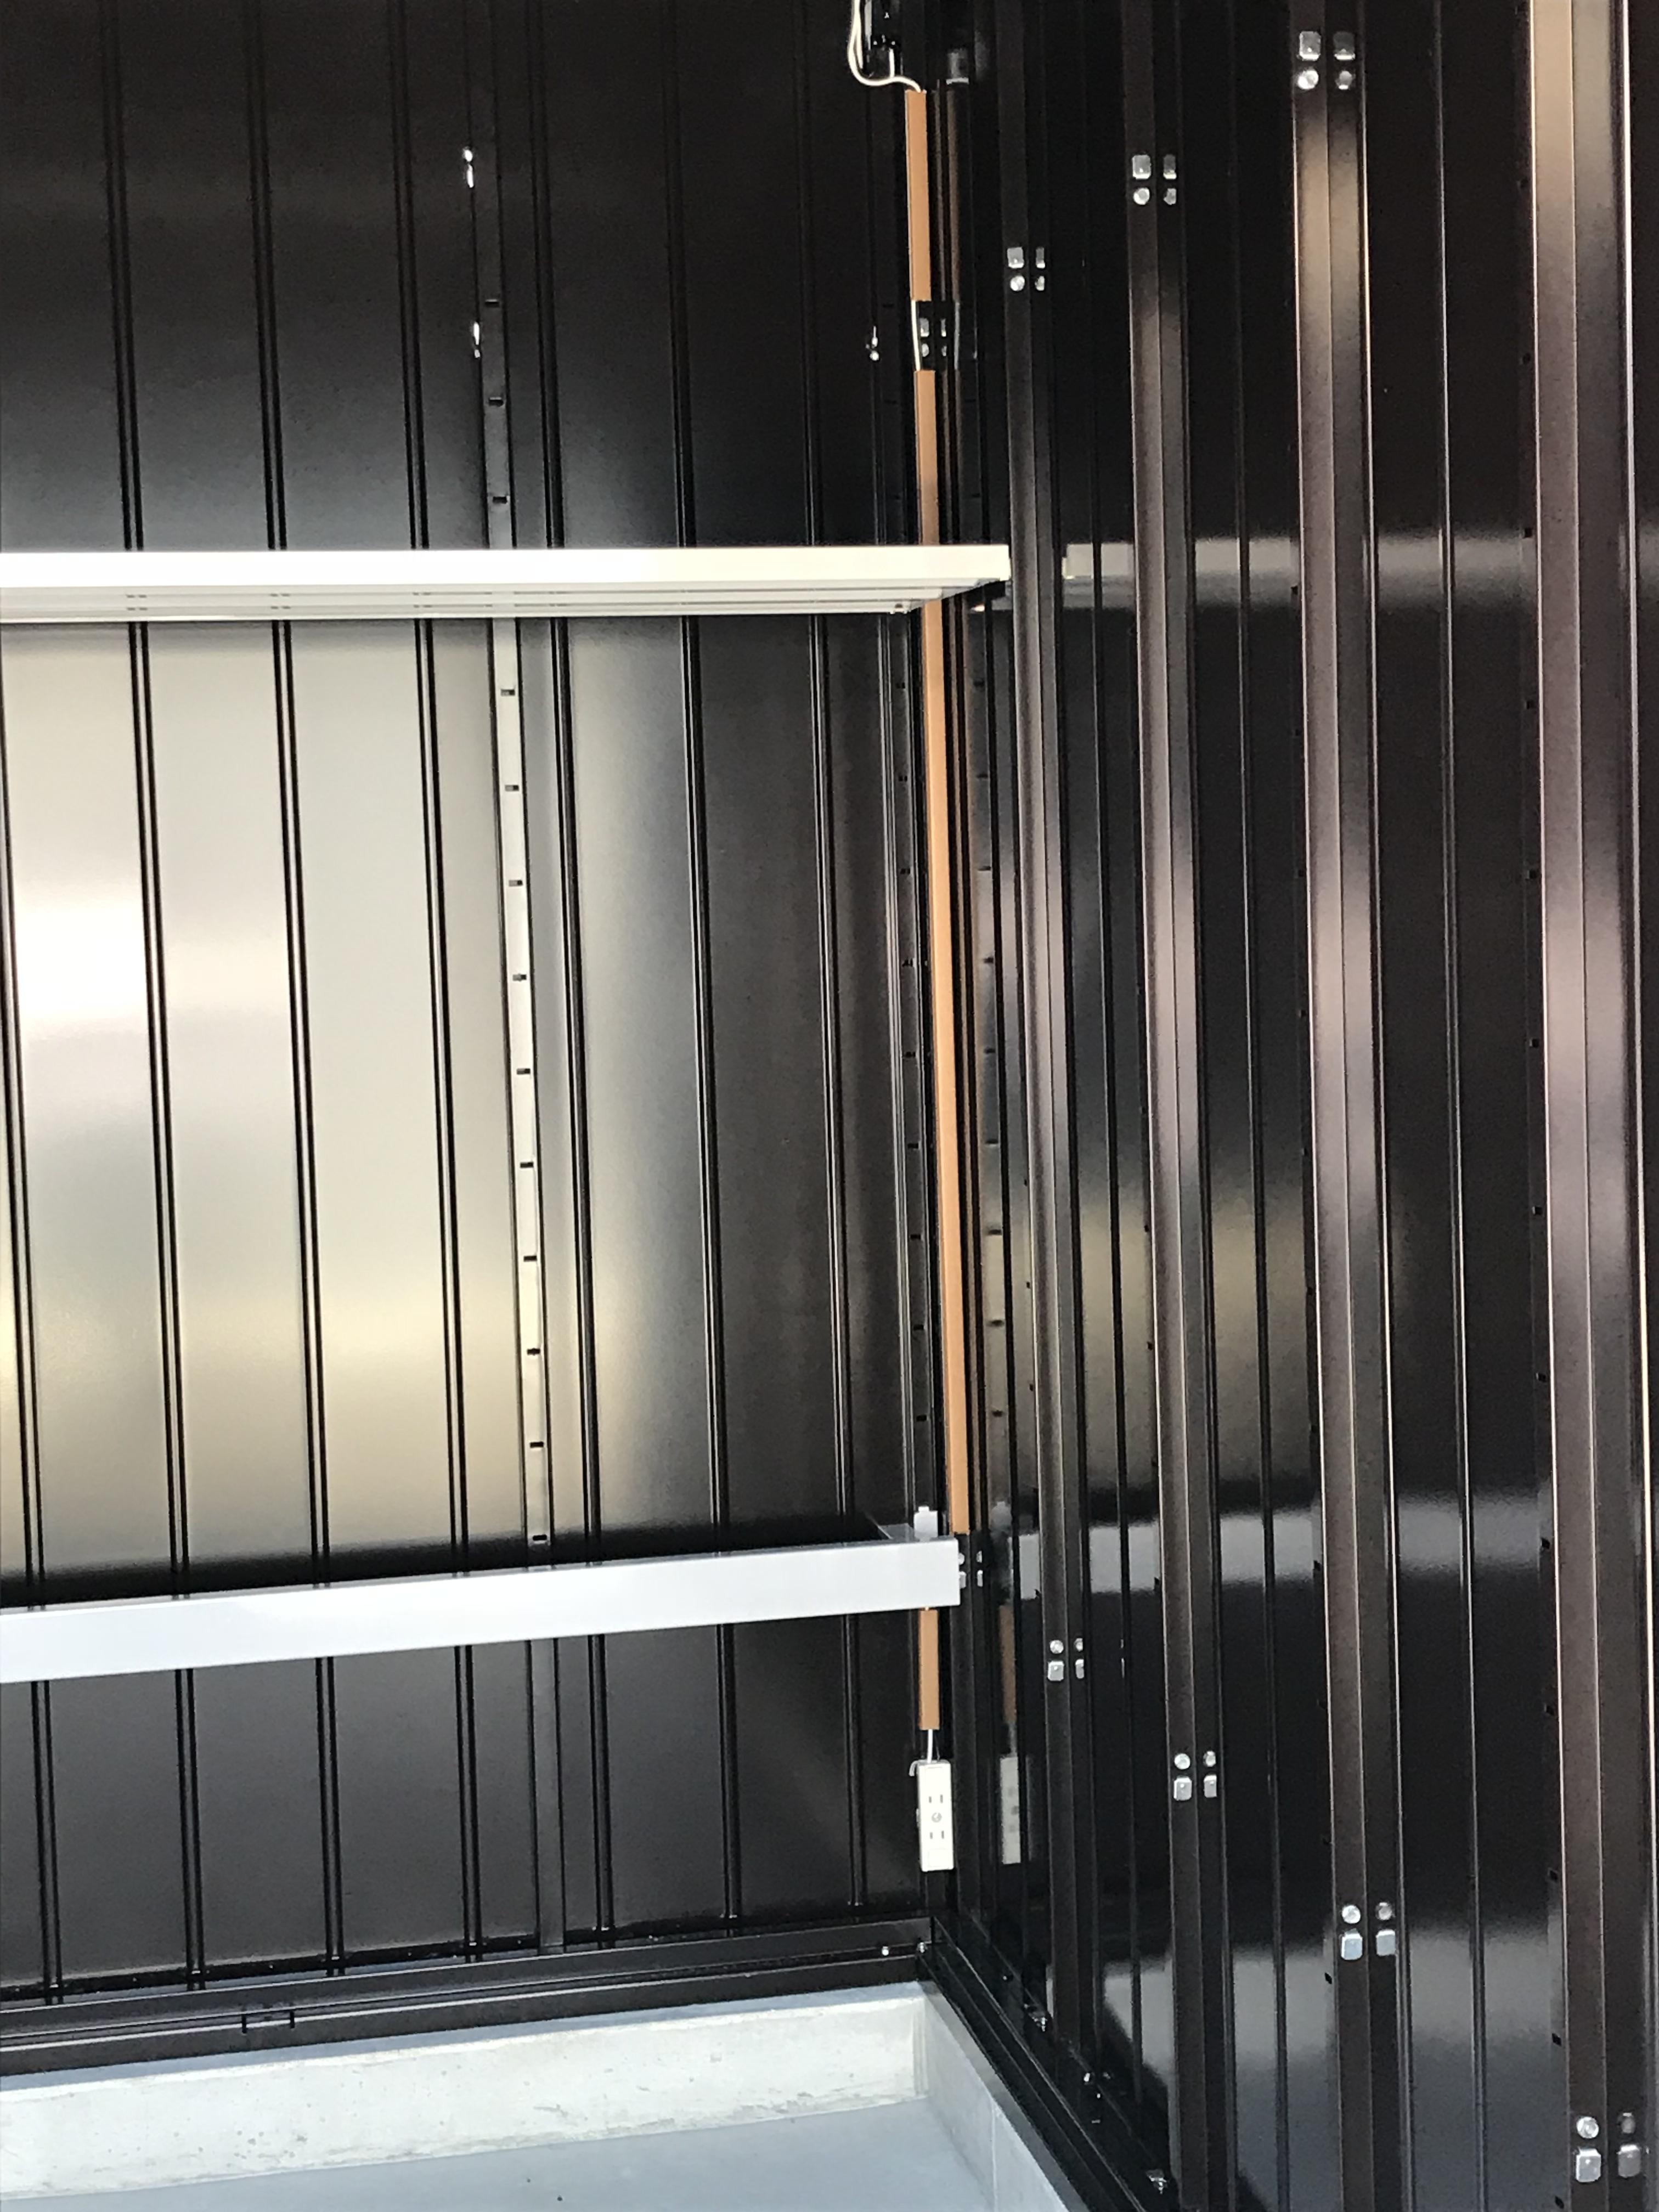 宗像原町店 棚板があるタイプは便利です。